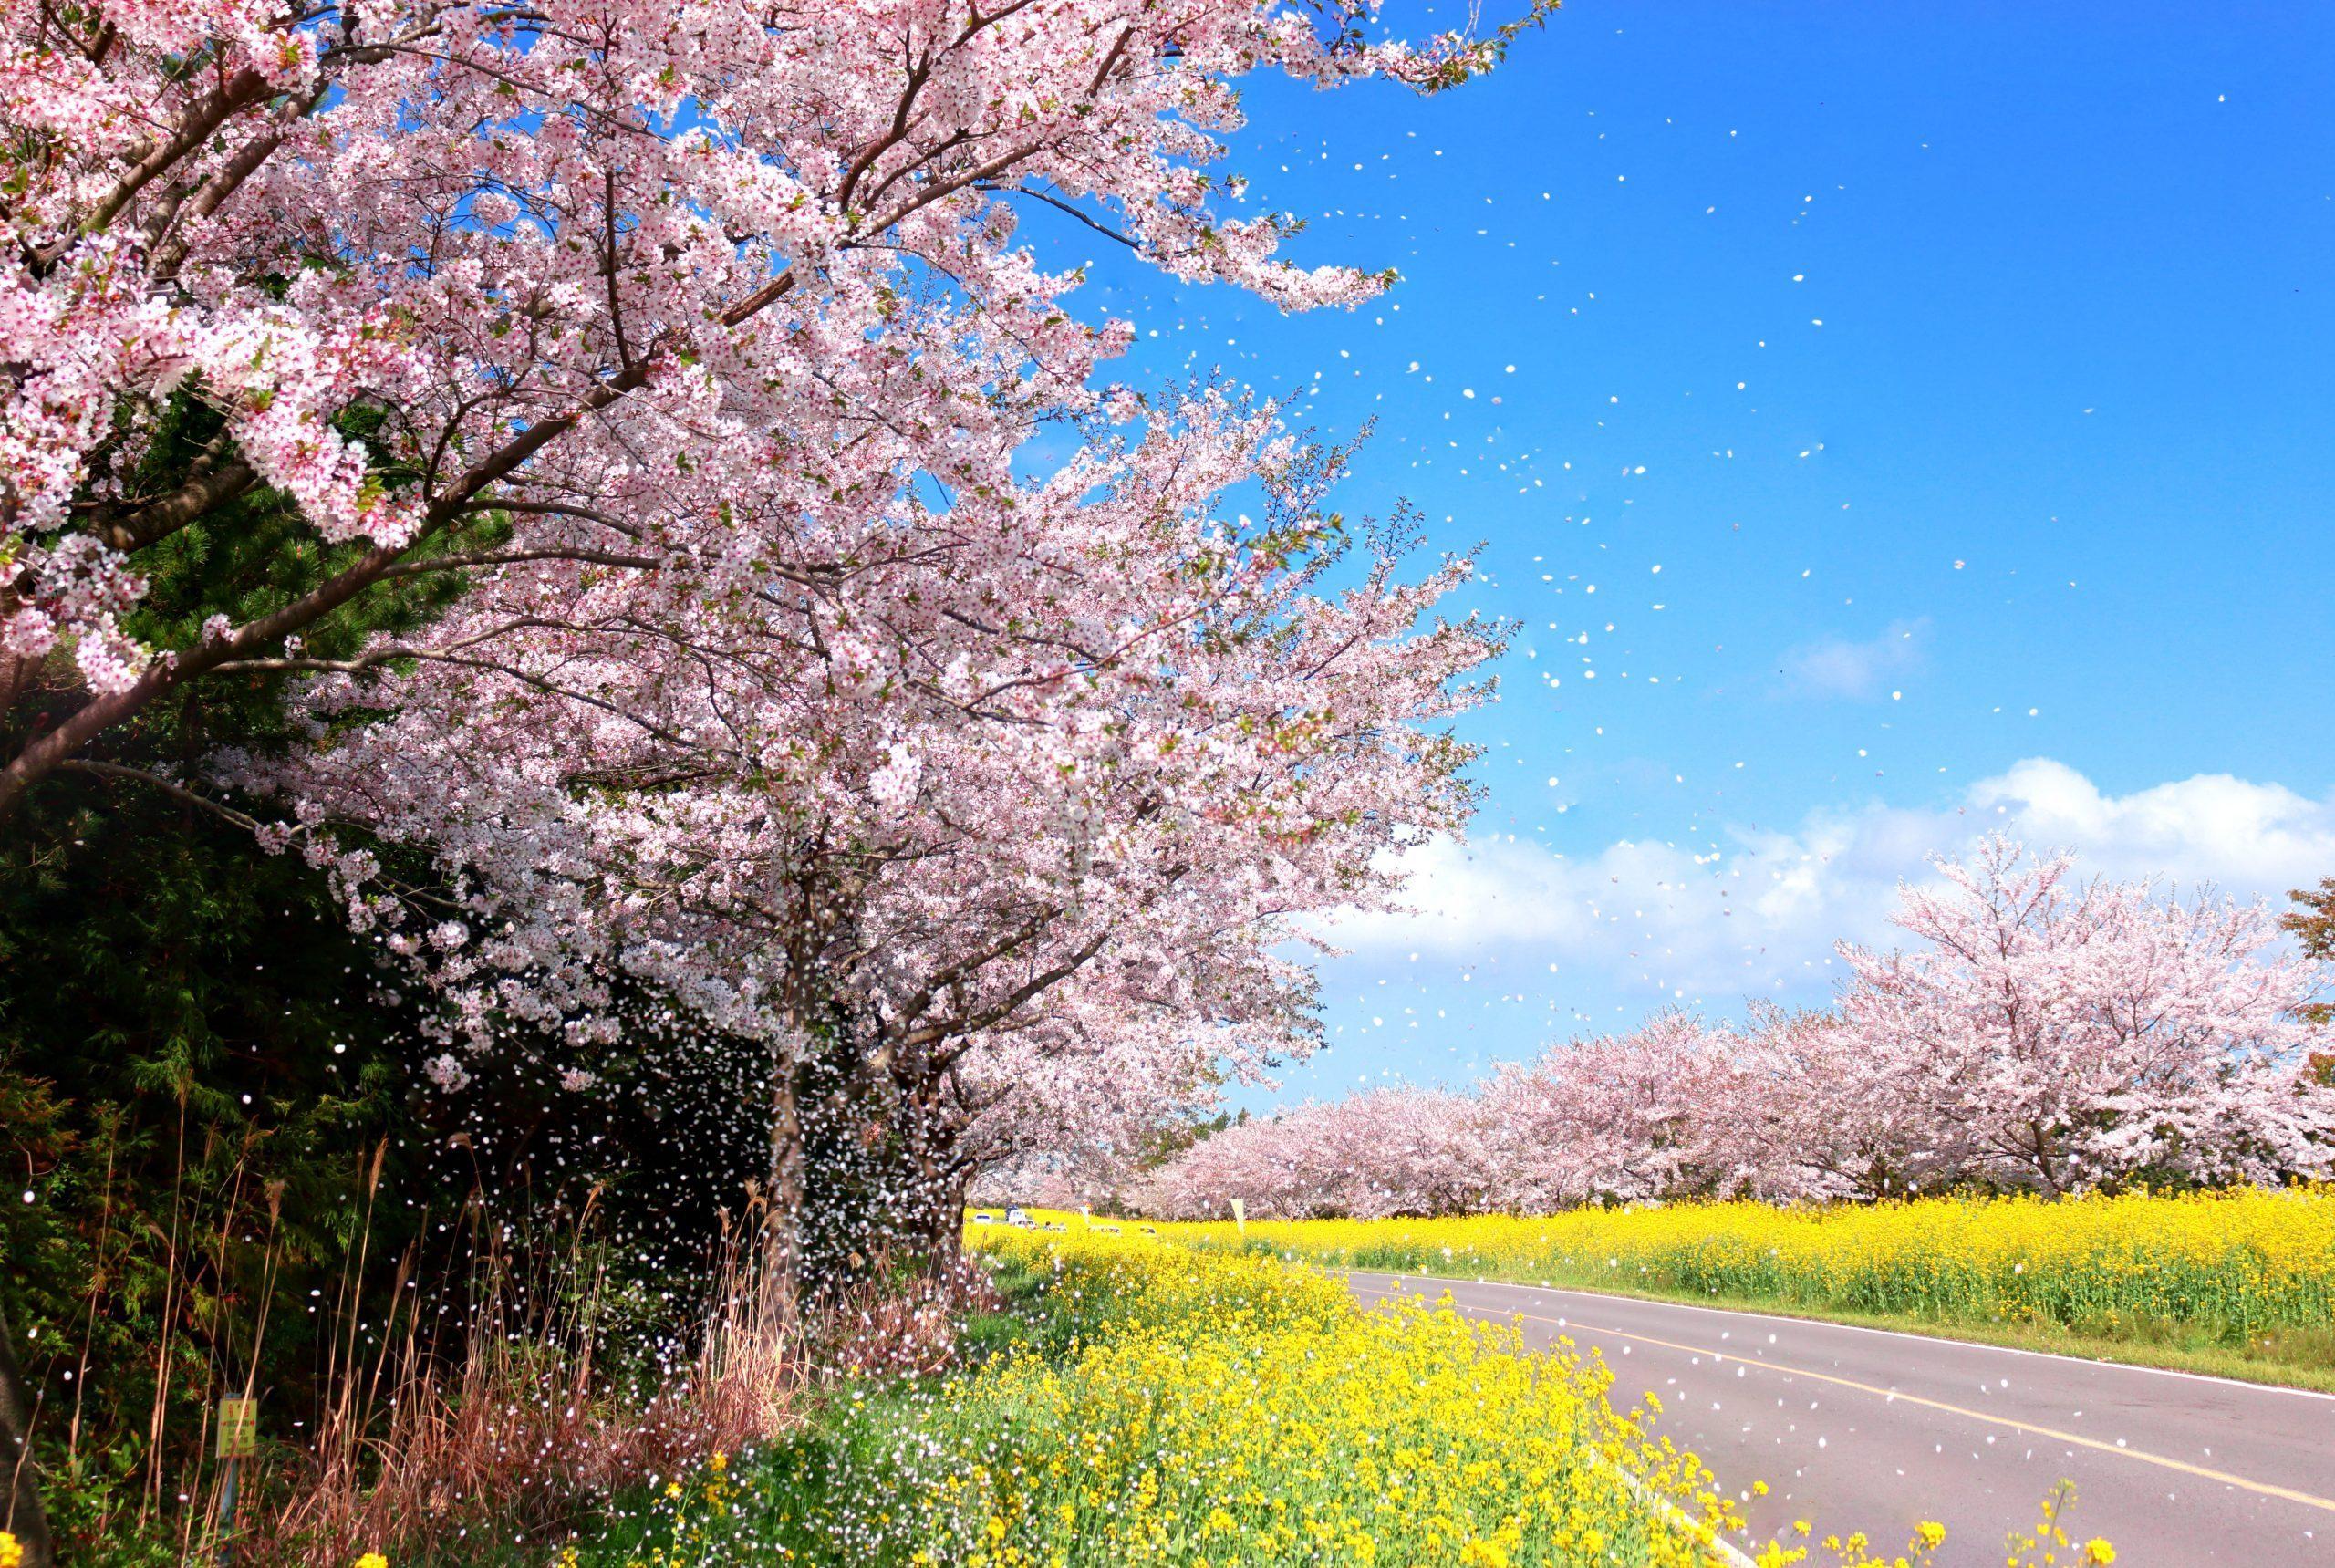 صور للربيع من أرجاء كوريا